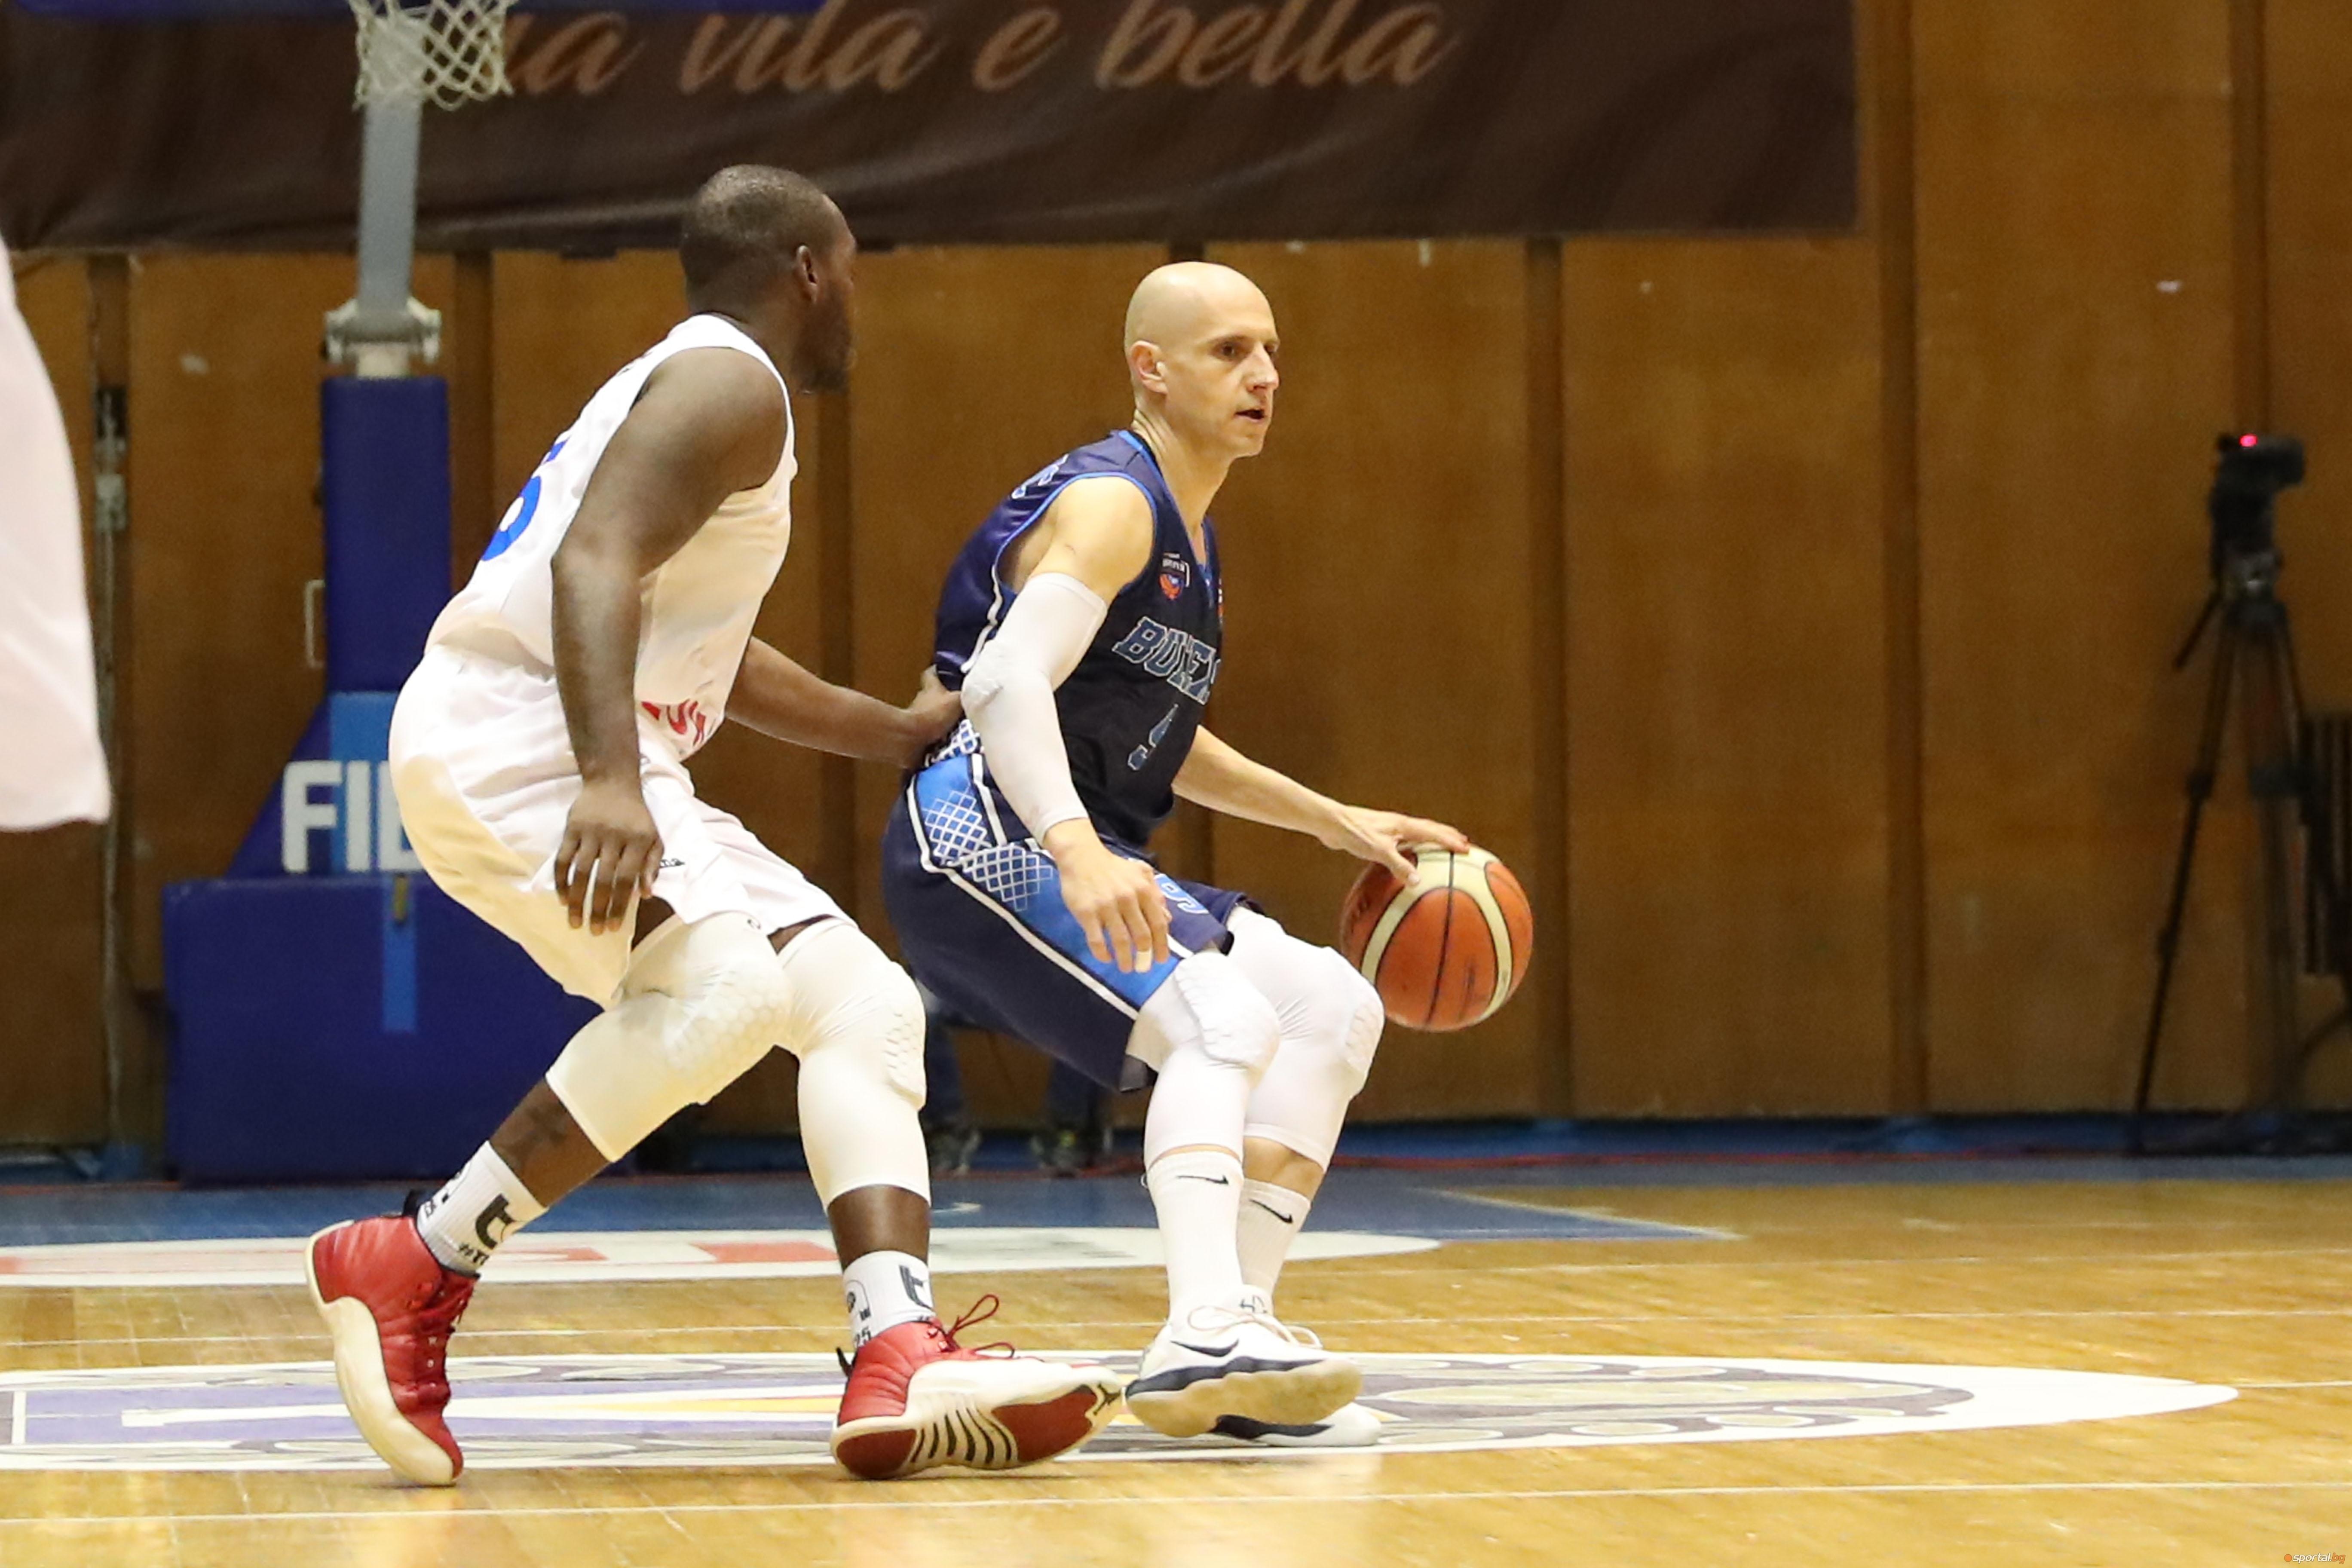 Неприятен проблем споходи пловдивския баскетболен тим на Академик Бултекс 99